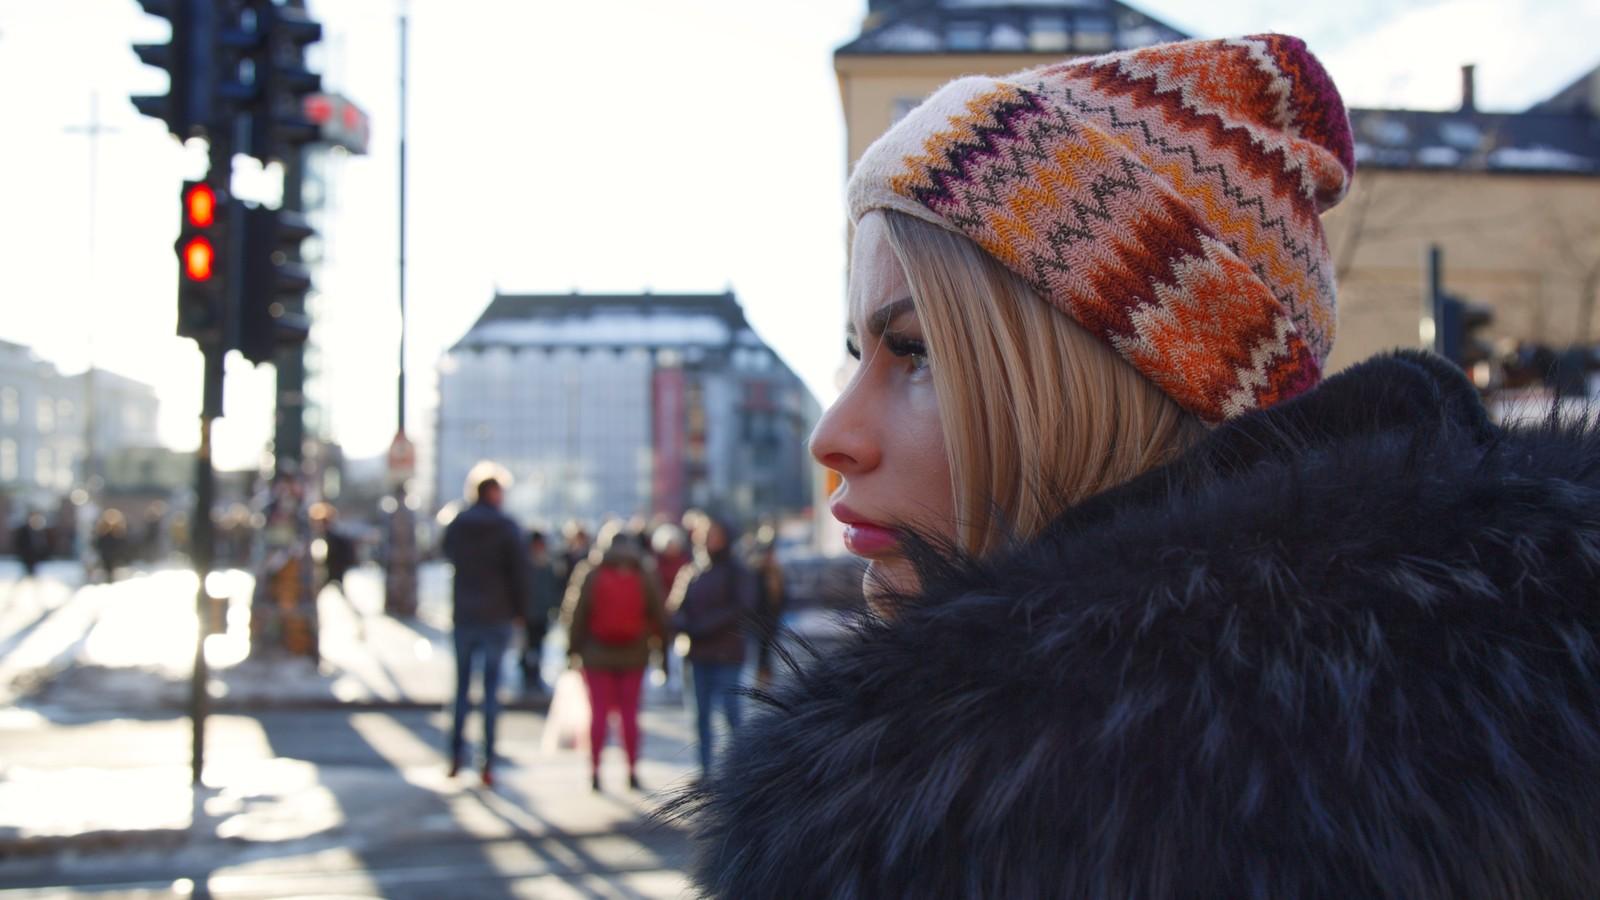 Nærbilde av en ung kvinne i profil. Kvinnen har topplue på seg og ser fra høyre mot venstre. Men skimter bygninger og lyskryss i bakgrunnen.